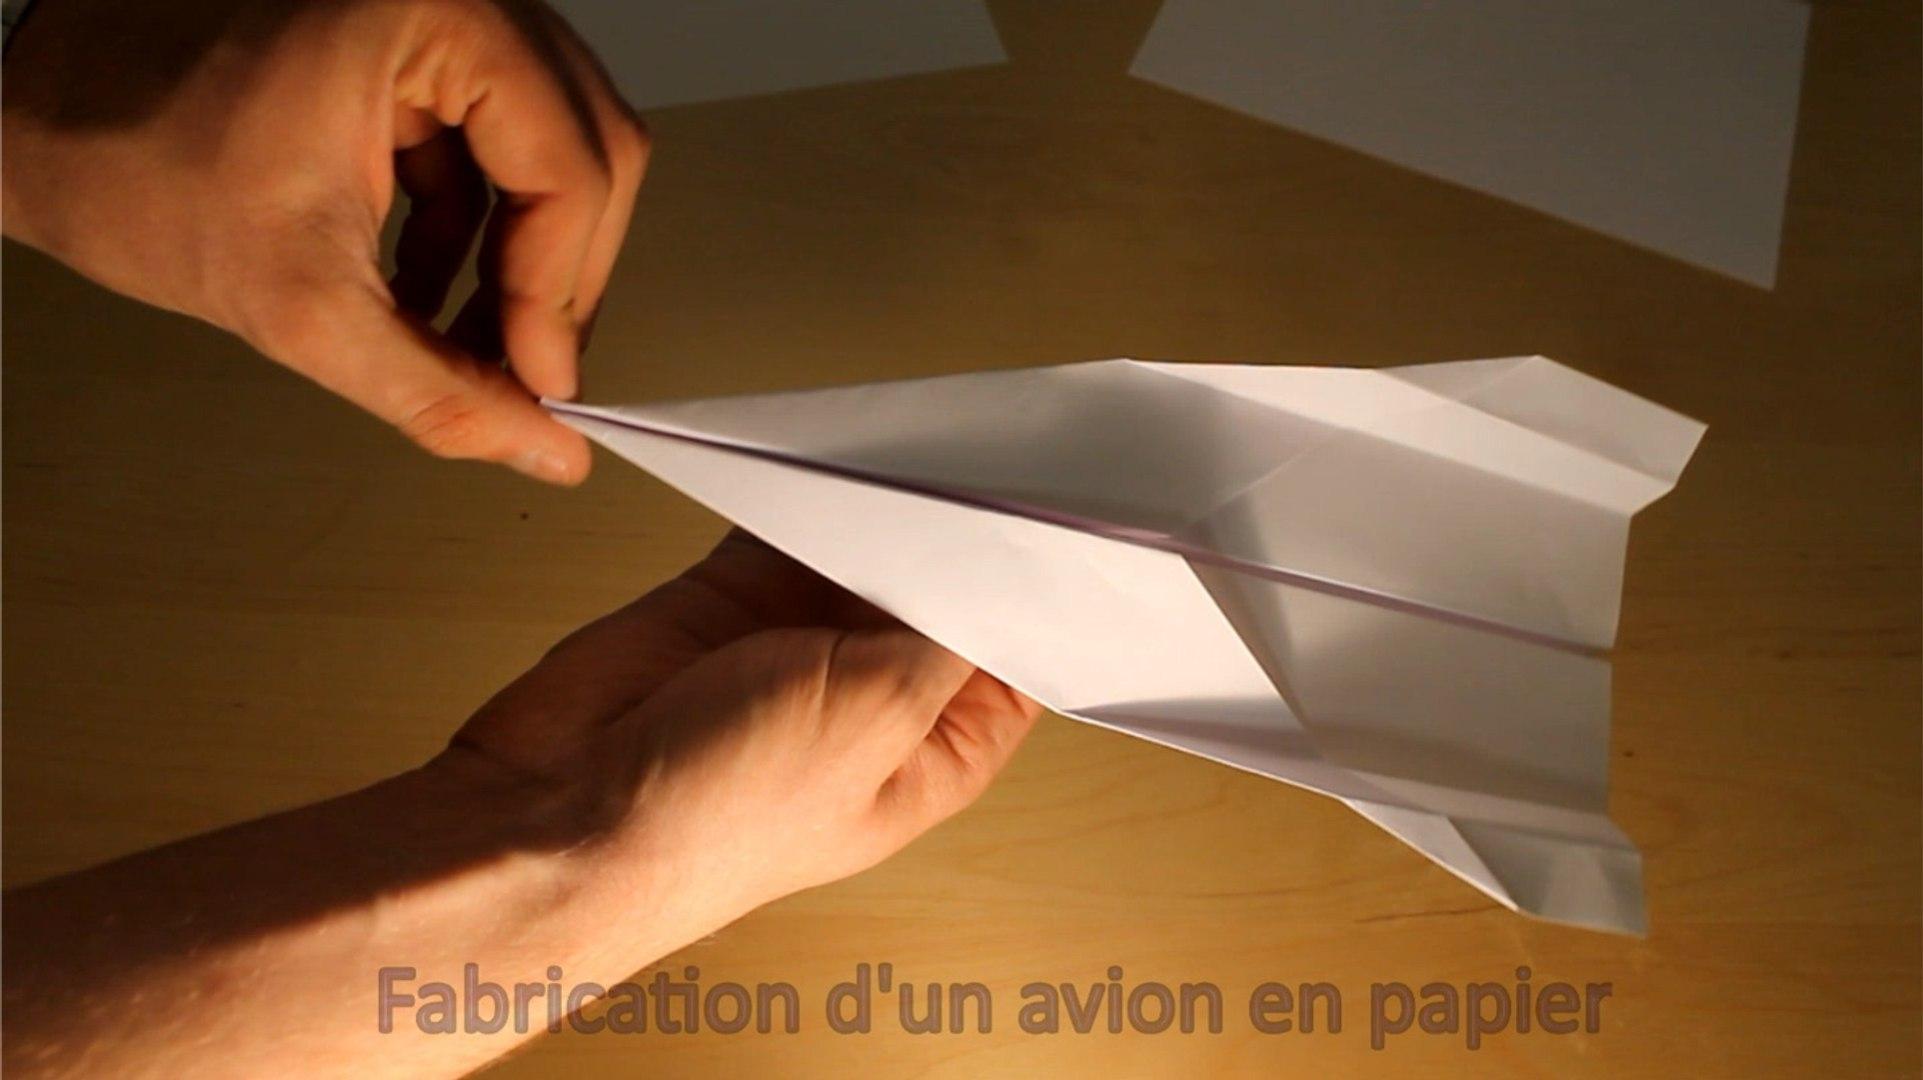 Comment Faire Un Avion En Papier Qui Vole Tres Bien Et Longtemps Un Ex No Life Bricole